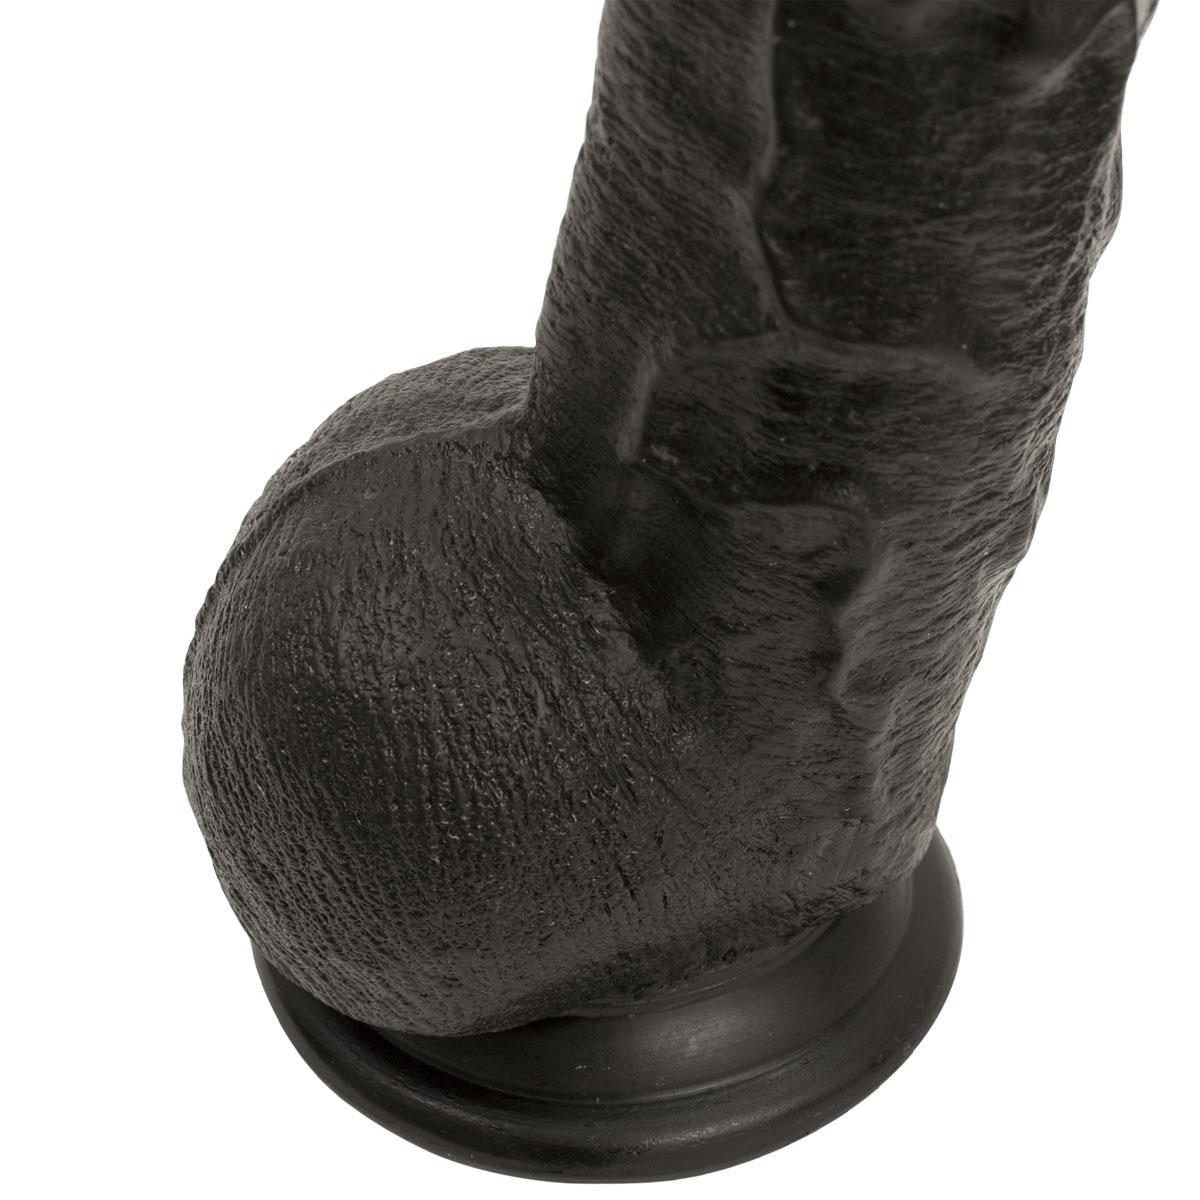 Черный длинный фаллоимитатор с мошонкой Dick Rambone Cock - 42,4 см. - фото 128576